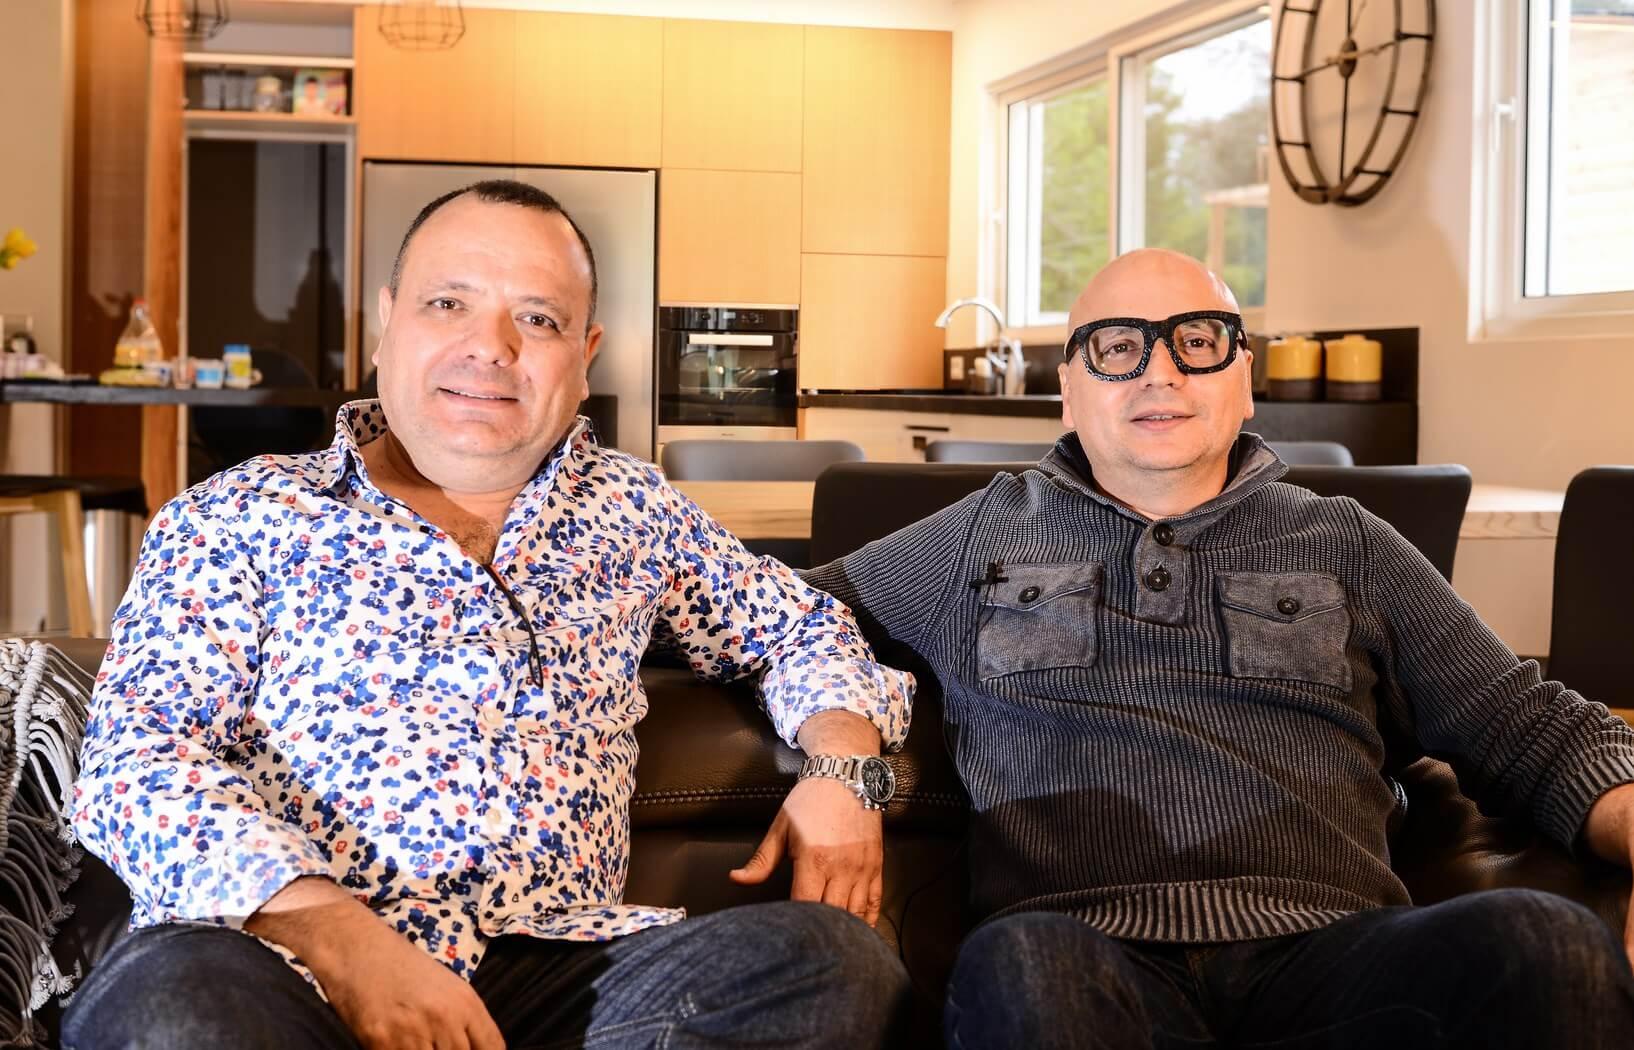 מקס ואלי קינן אדריכלות ועיצוב פנים- ארונות הרדור